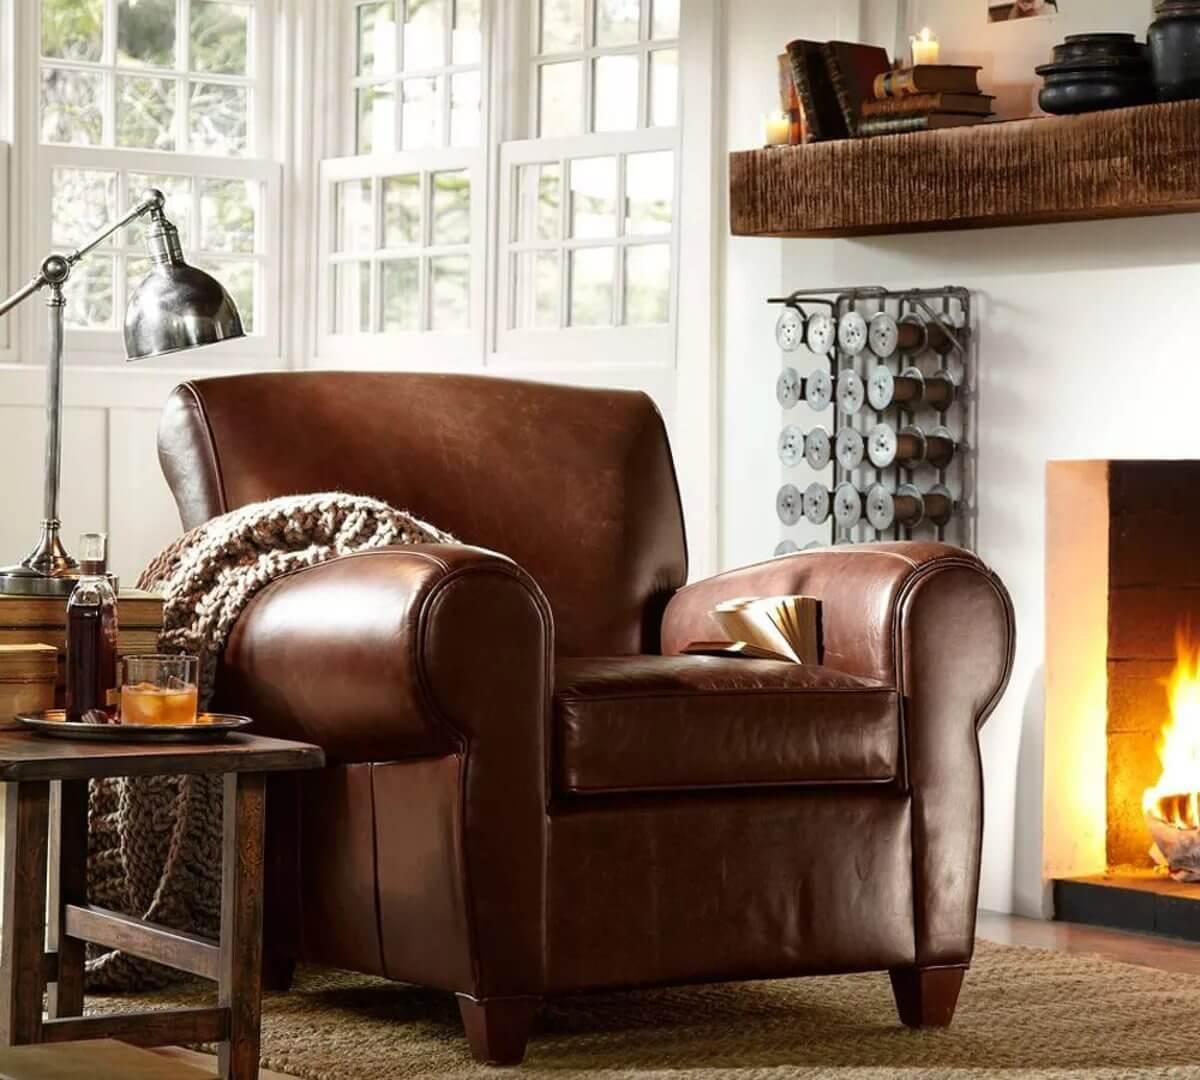 Фото мягкого кожаного кресла